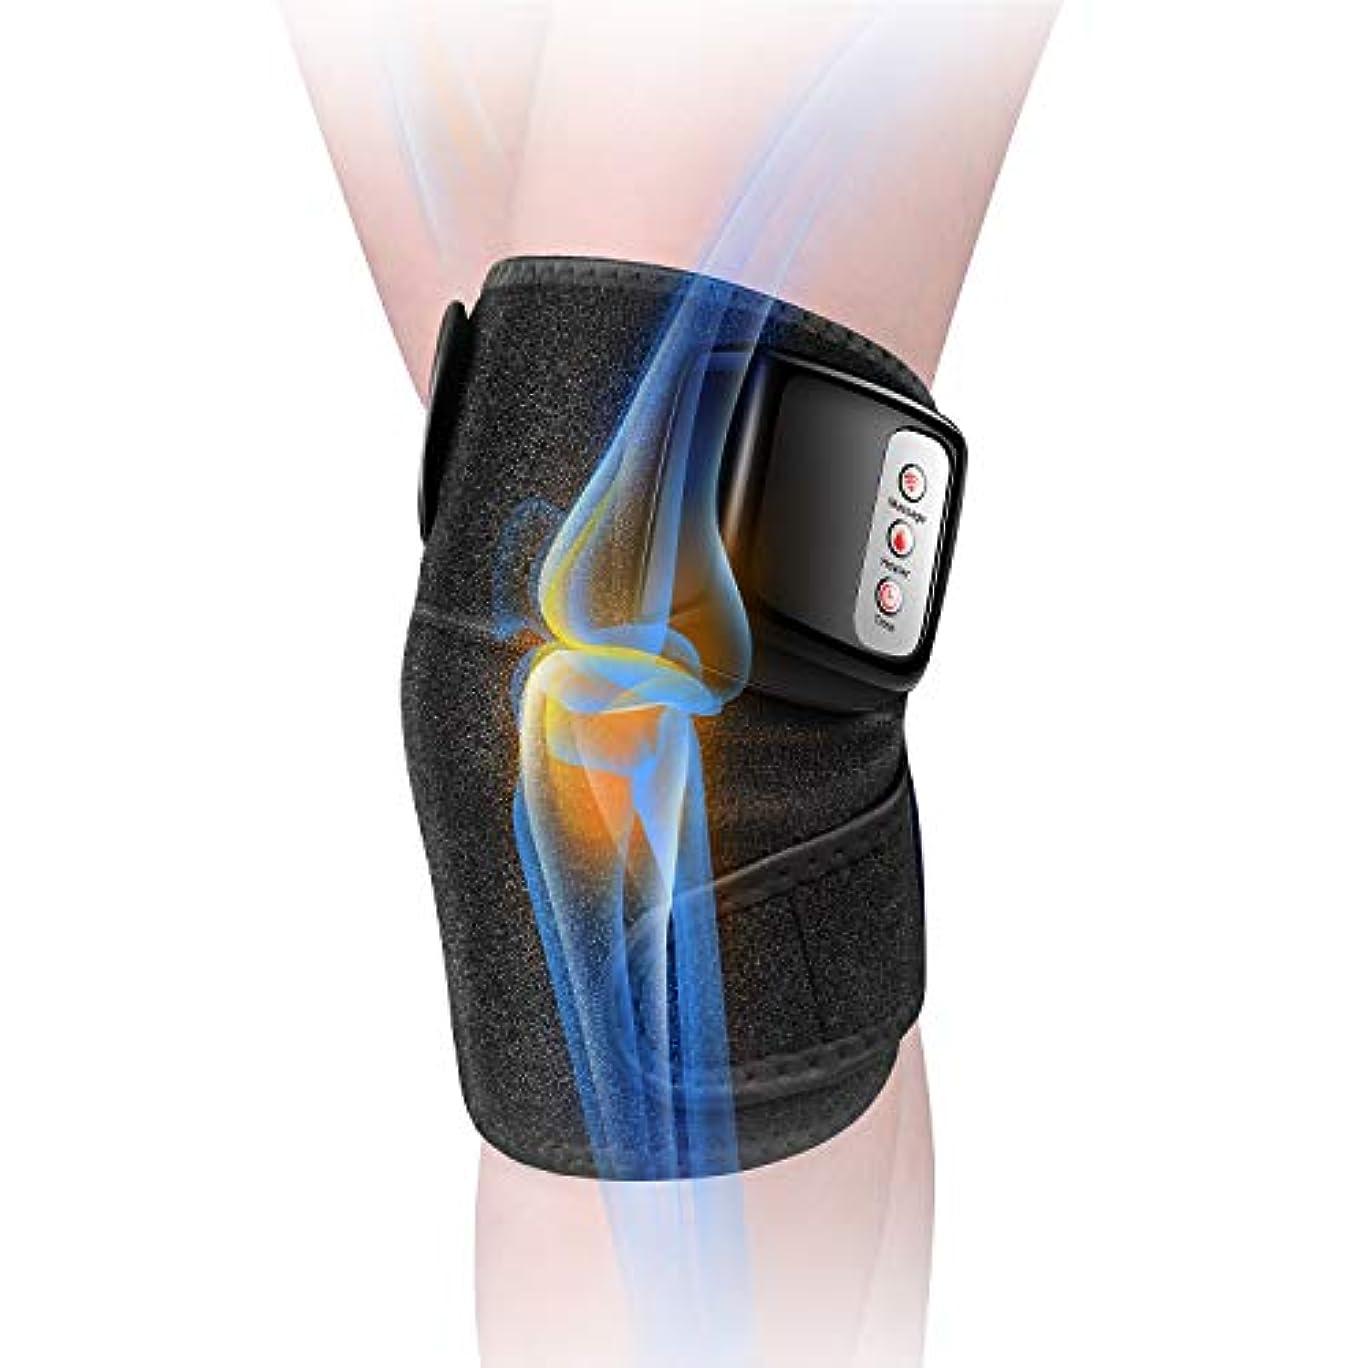 スキー予防接種に渡って膝マッサージャー 関節マッサージャー マッサージ器 フットマッサージャー 振動 赤外線療法 温熱療法 膝サポーター ストレス解消 肩 太もも/腕対応